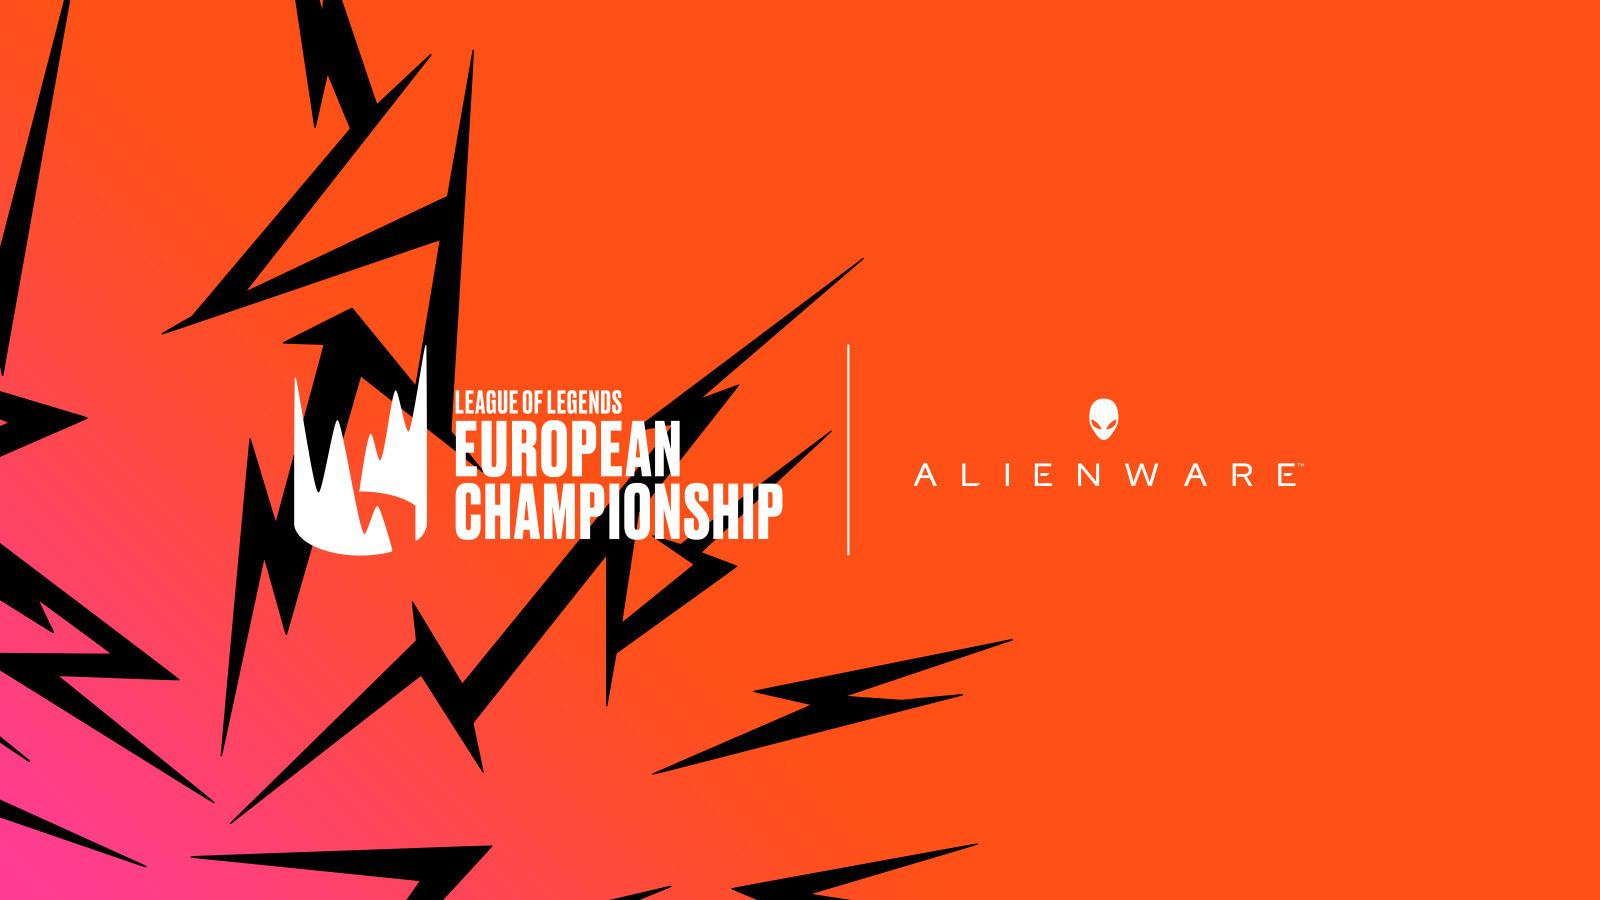 Anzeige - LEC-Partner Alienware unterstützt den deutschen Broadcast